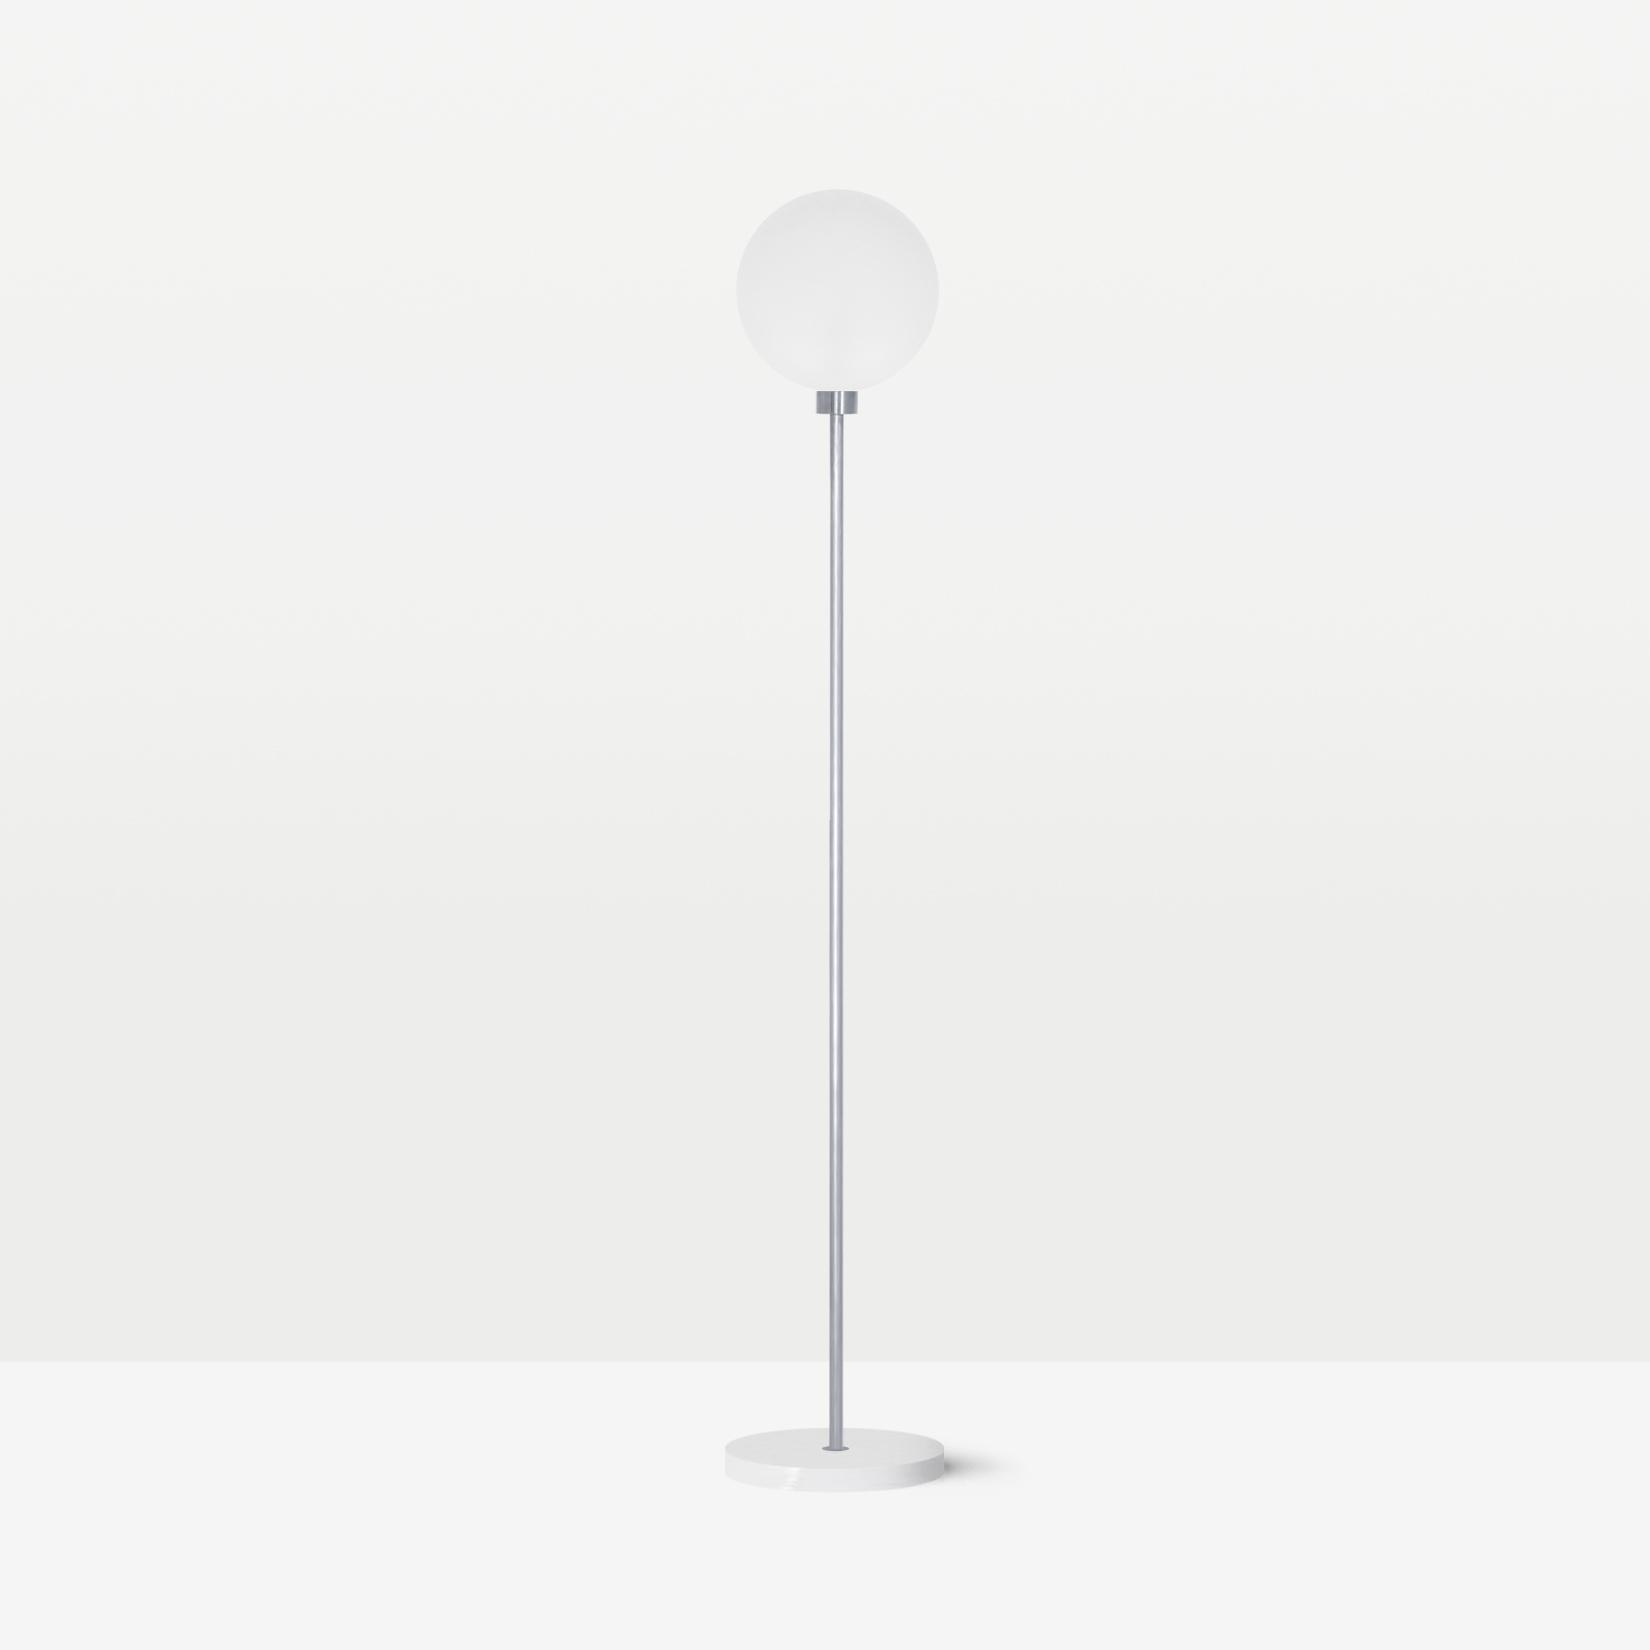 Напольный светильник Onis белый мрамор - вид 3